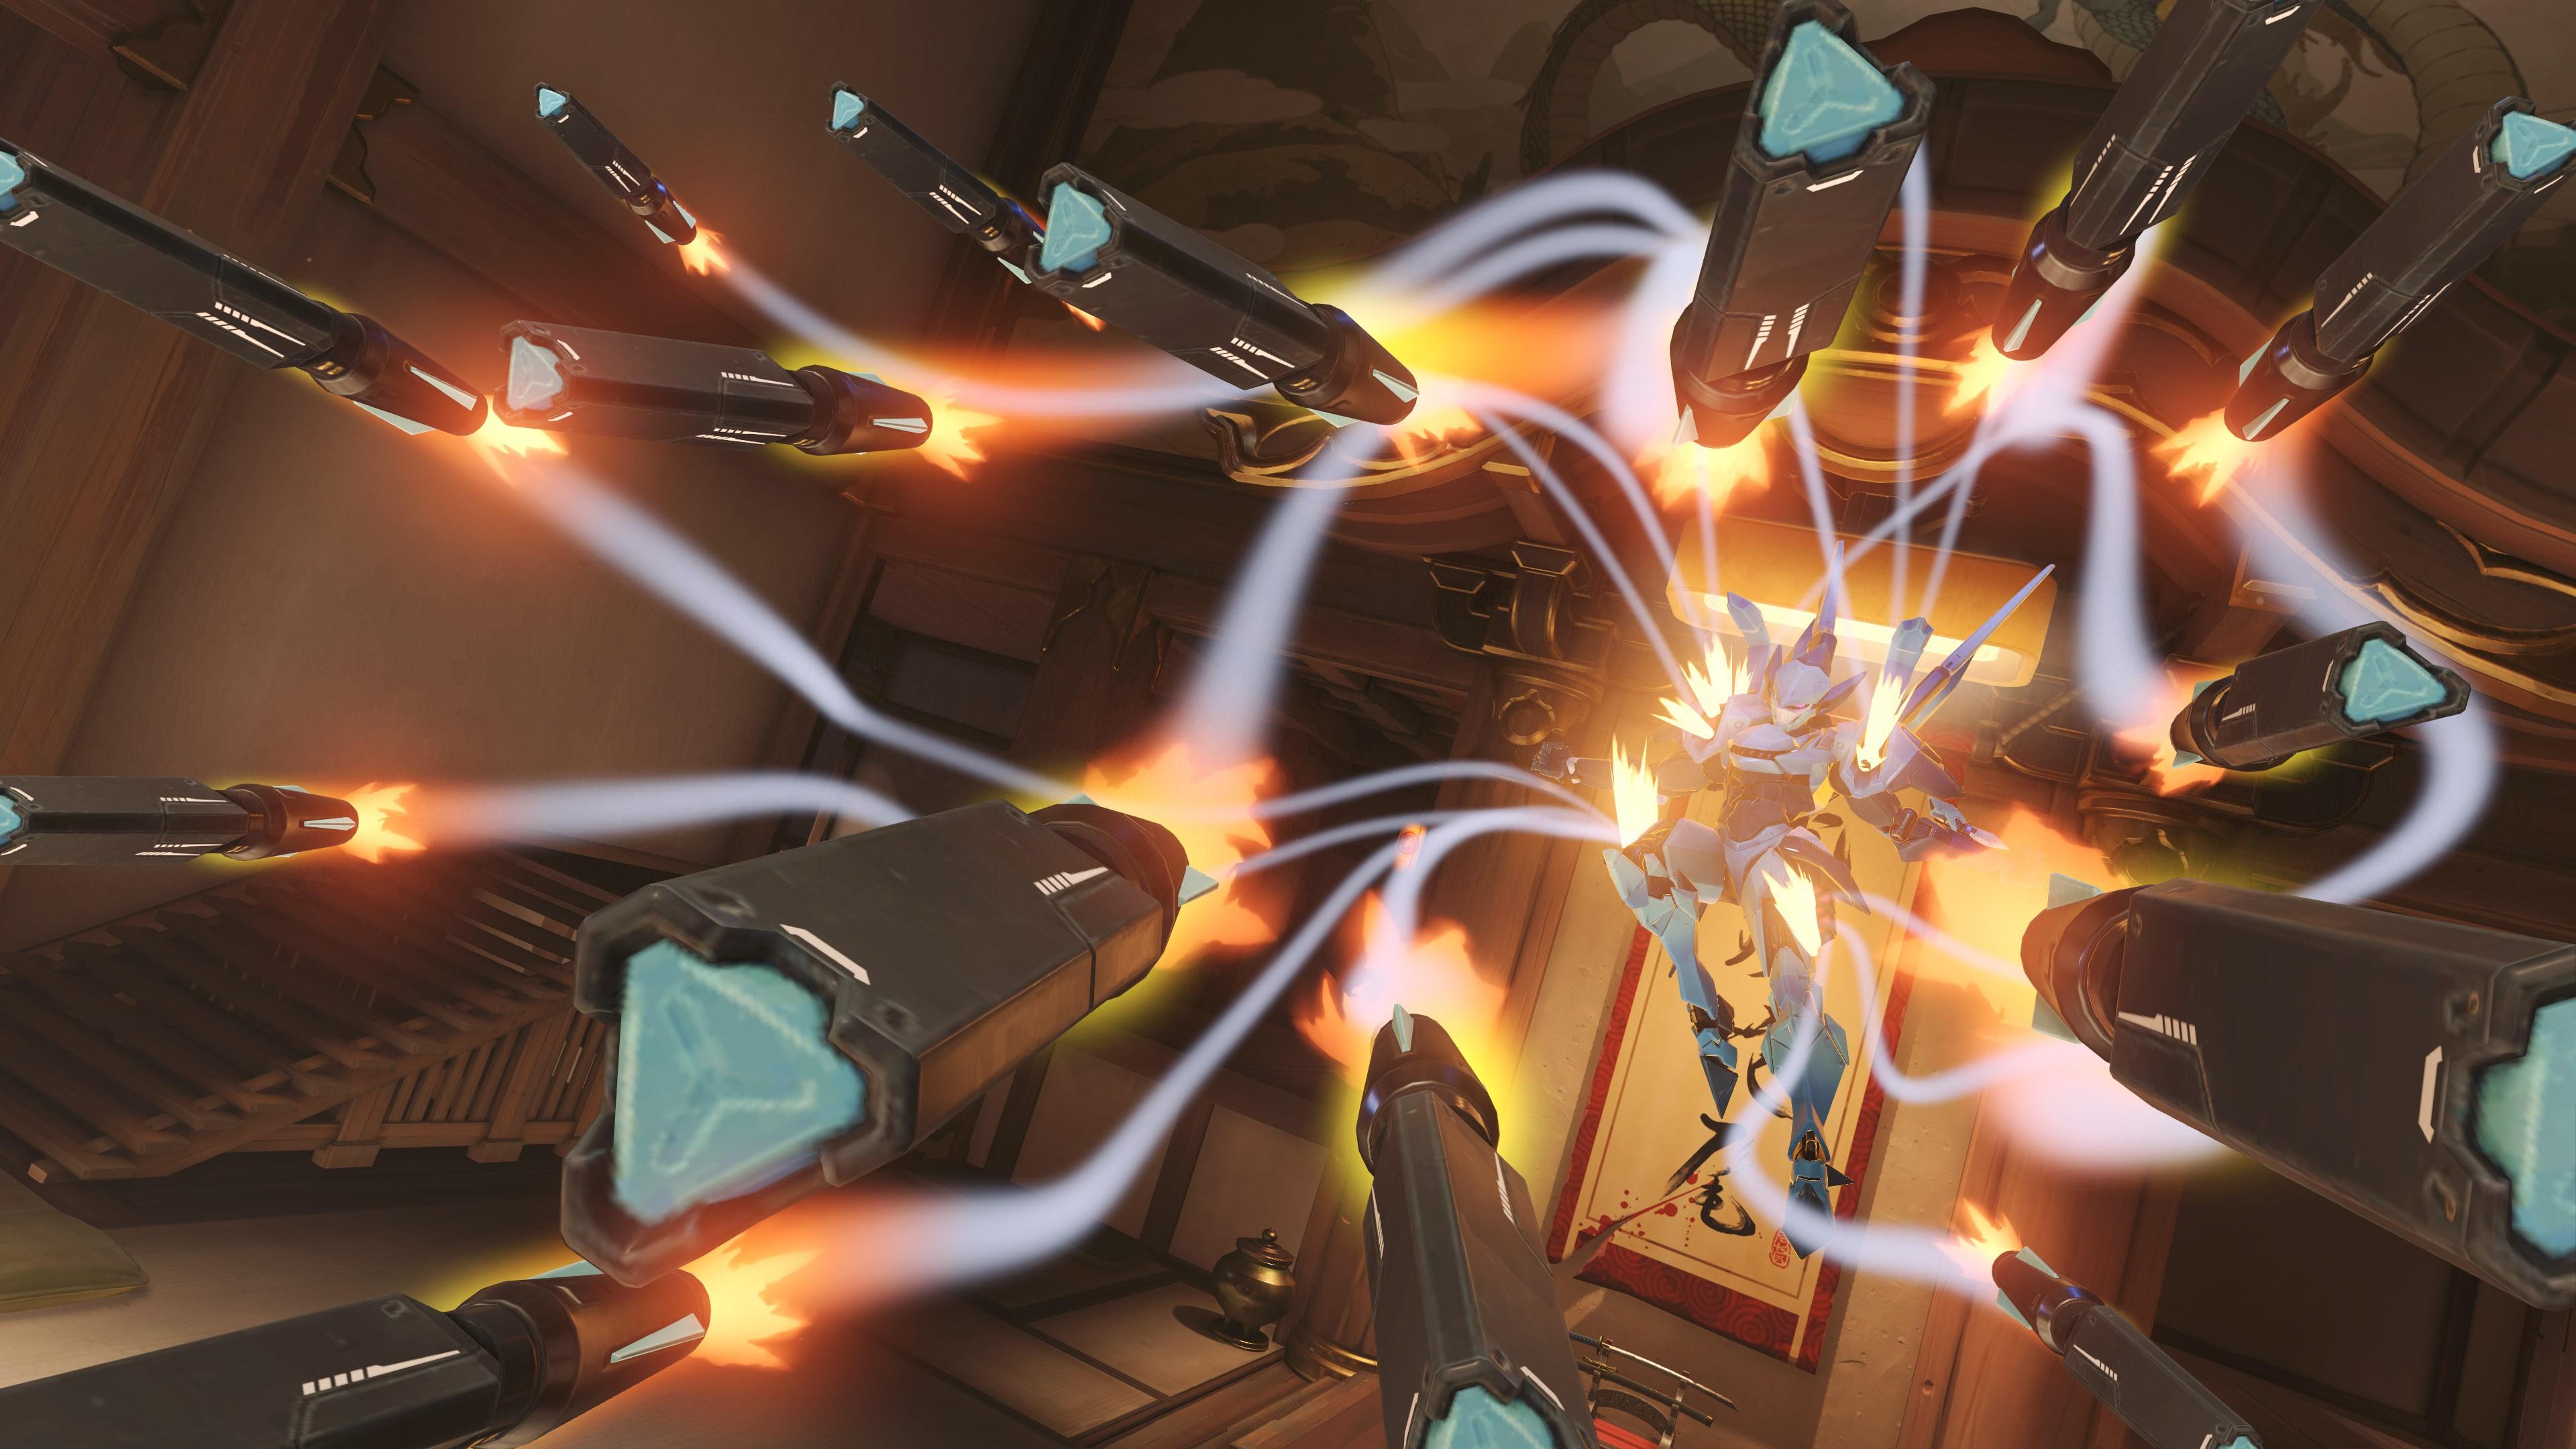 Wallpaper Pharah Overwatch Hanamura Overwatch Machine Games